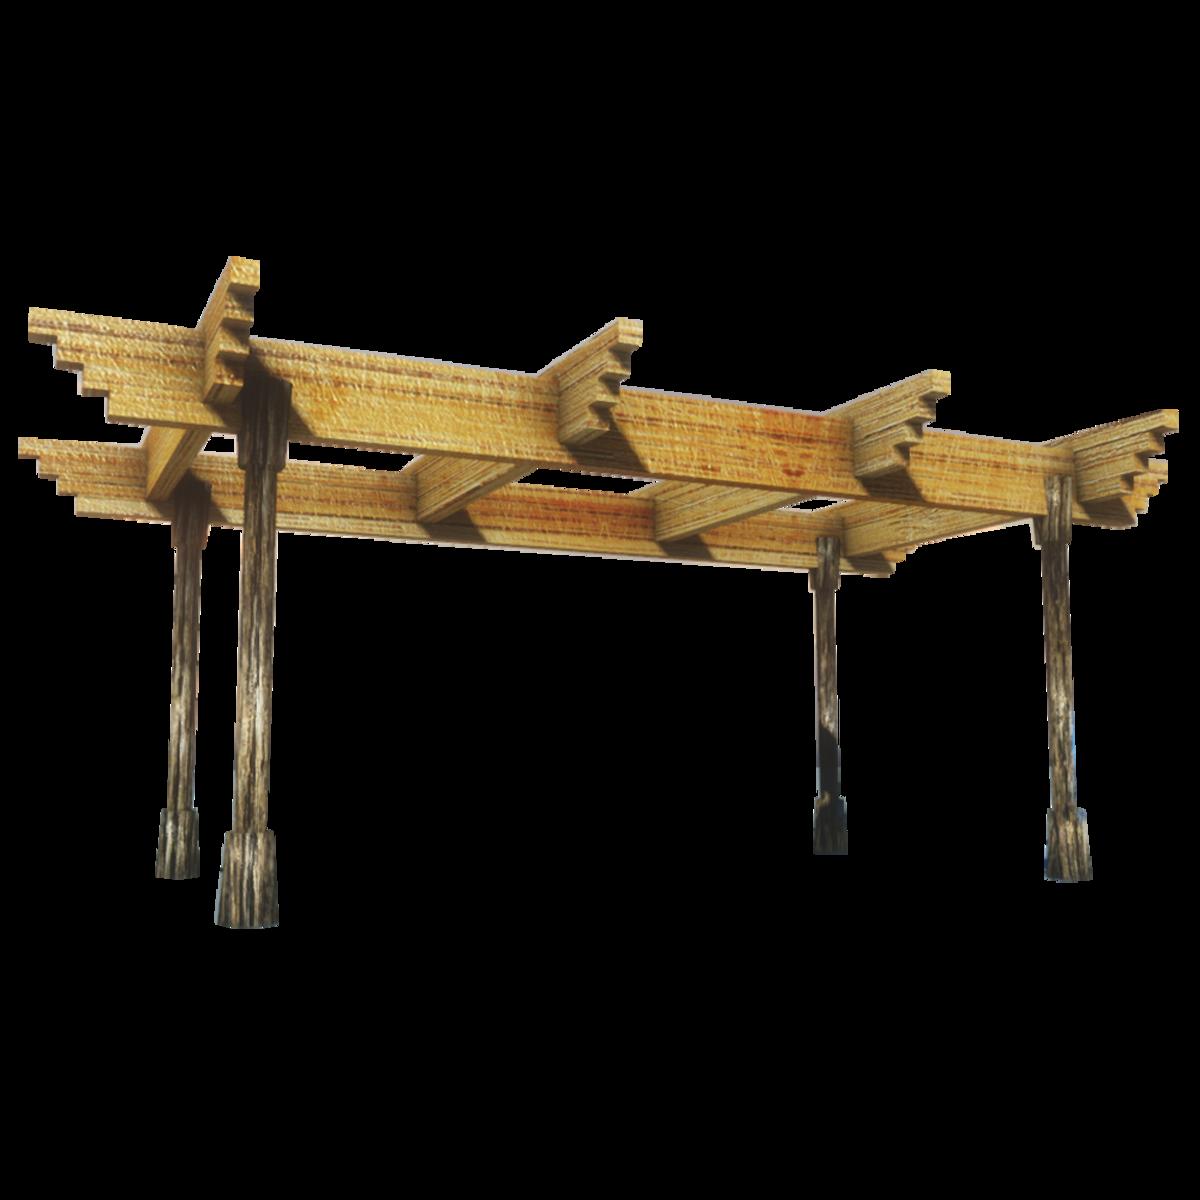 Wood Pergola-Collision Mesh